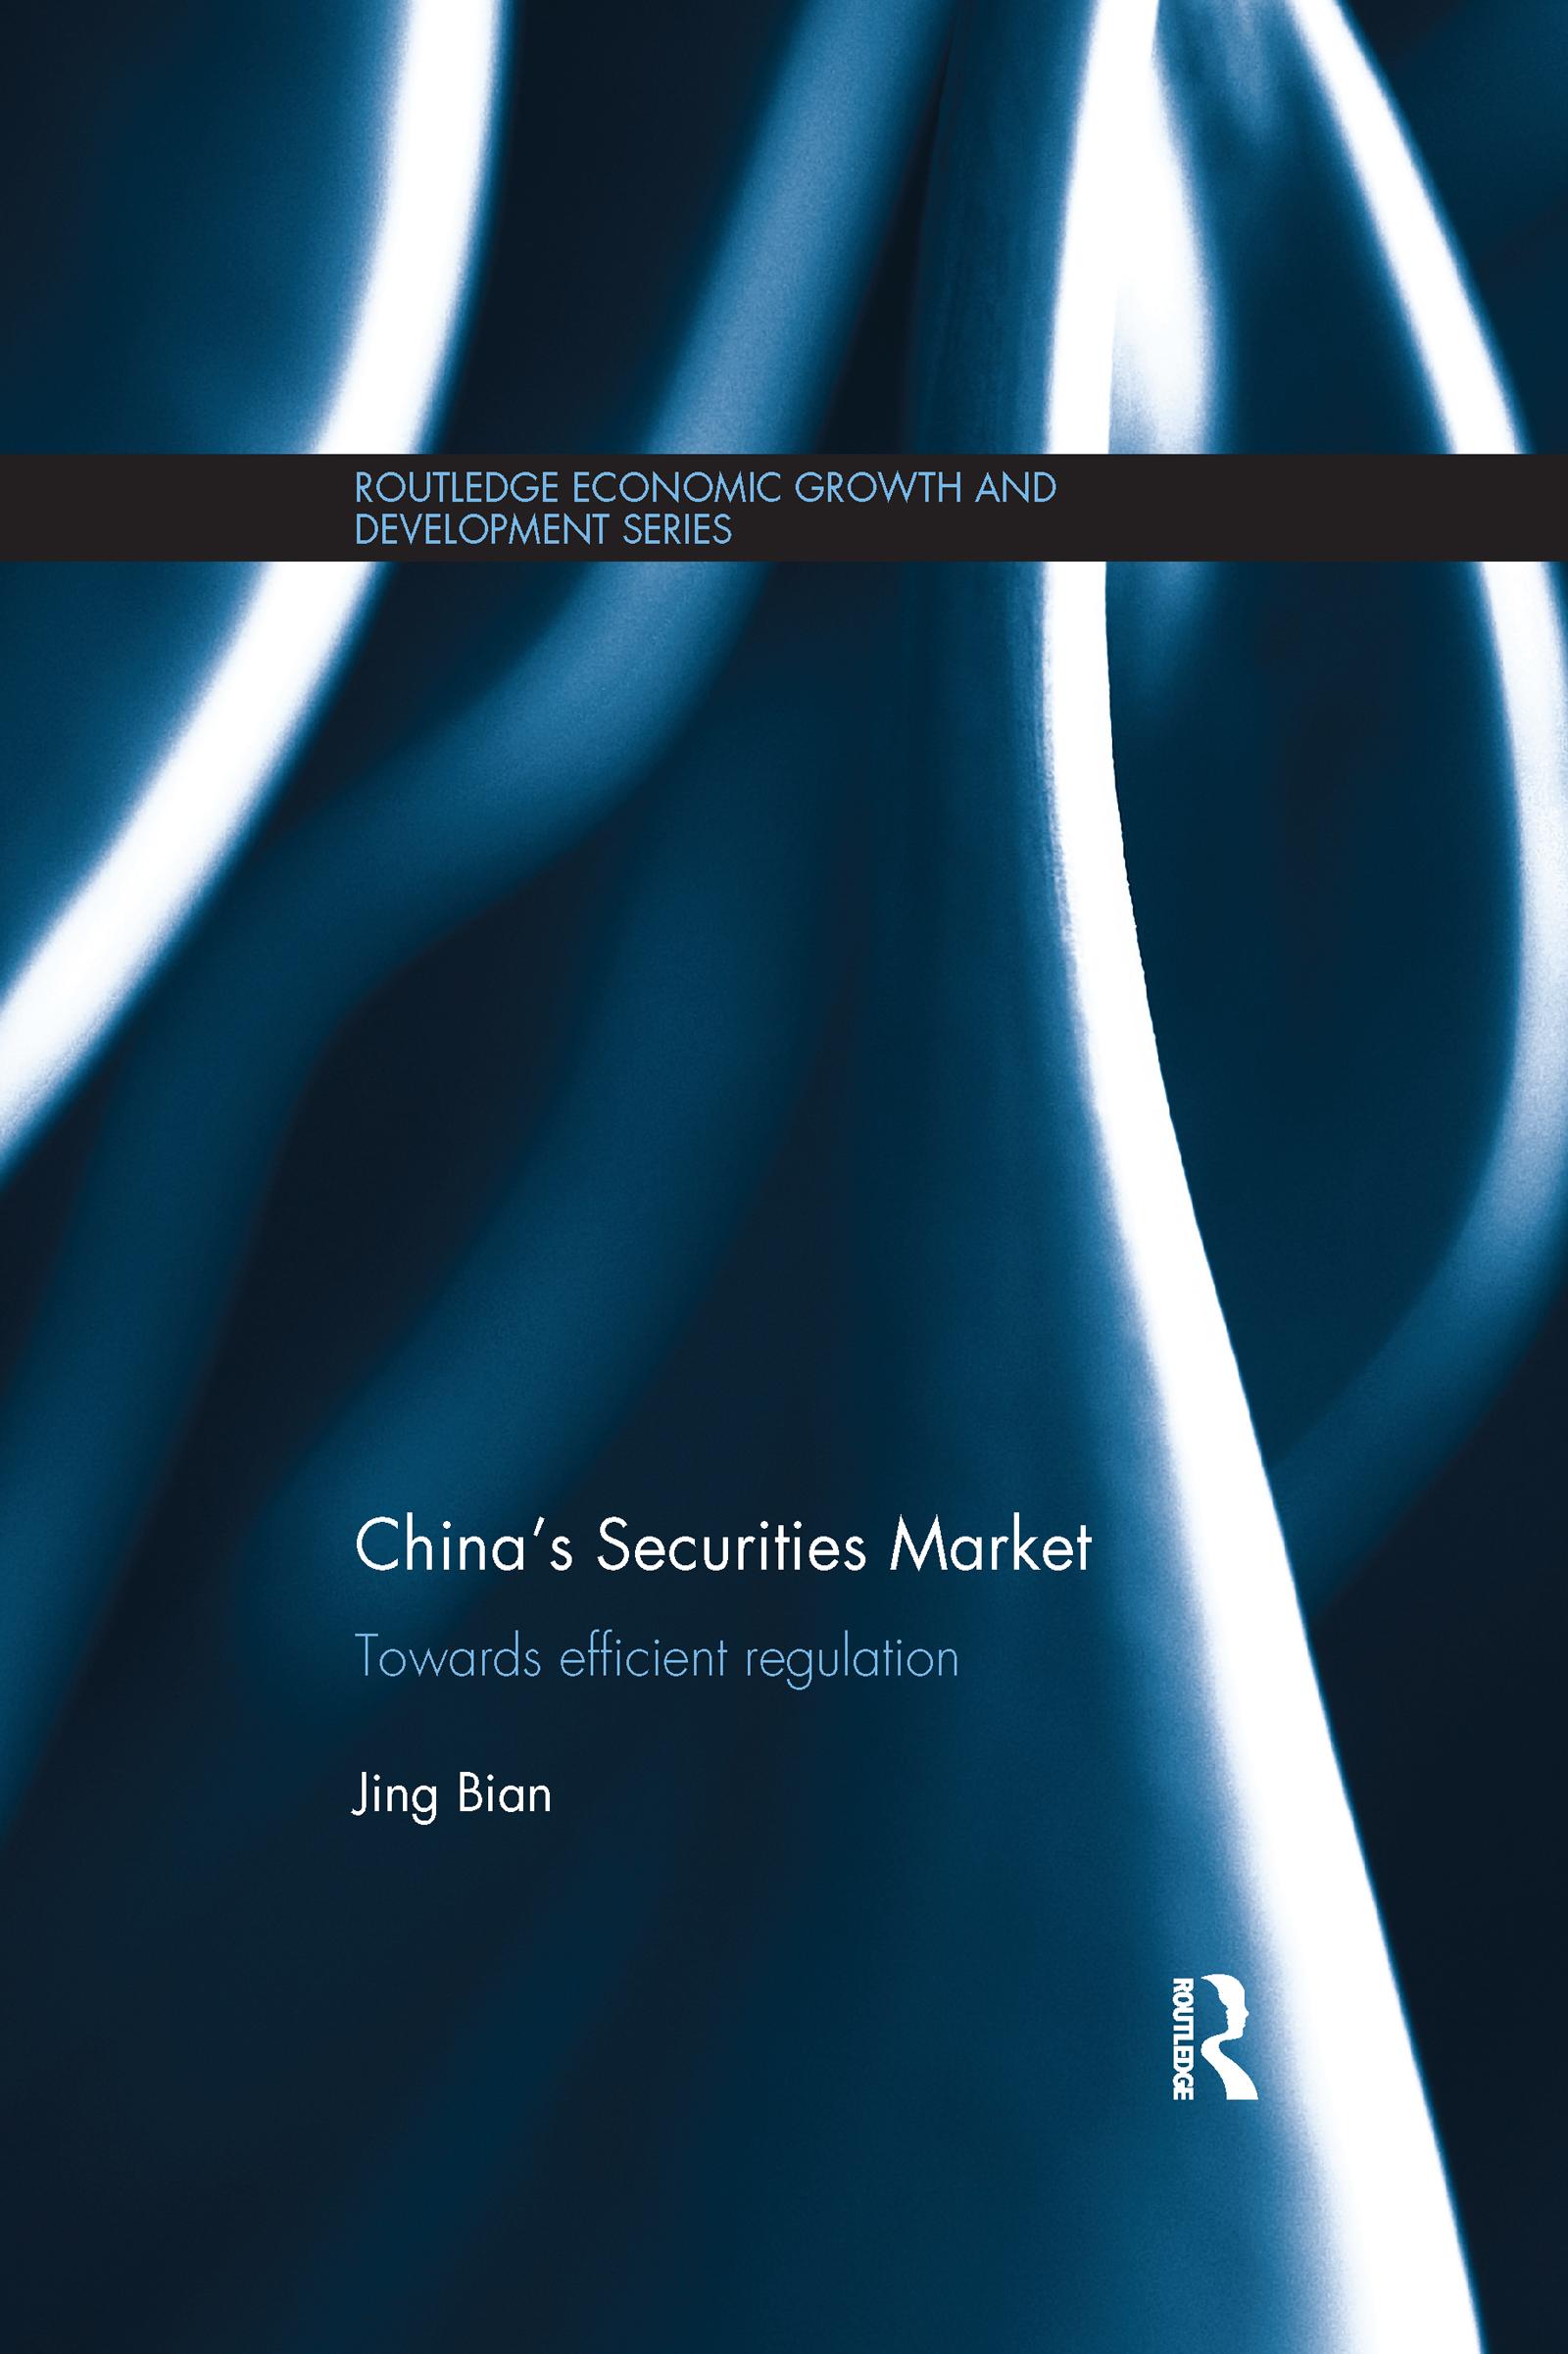 China's Securities Market